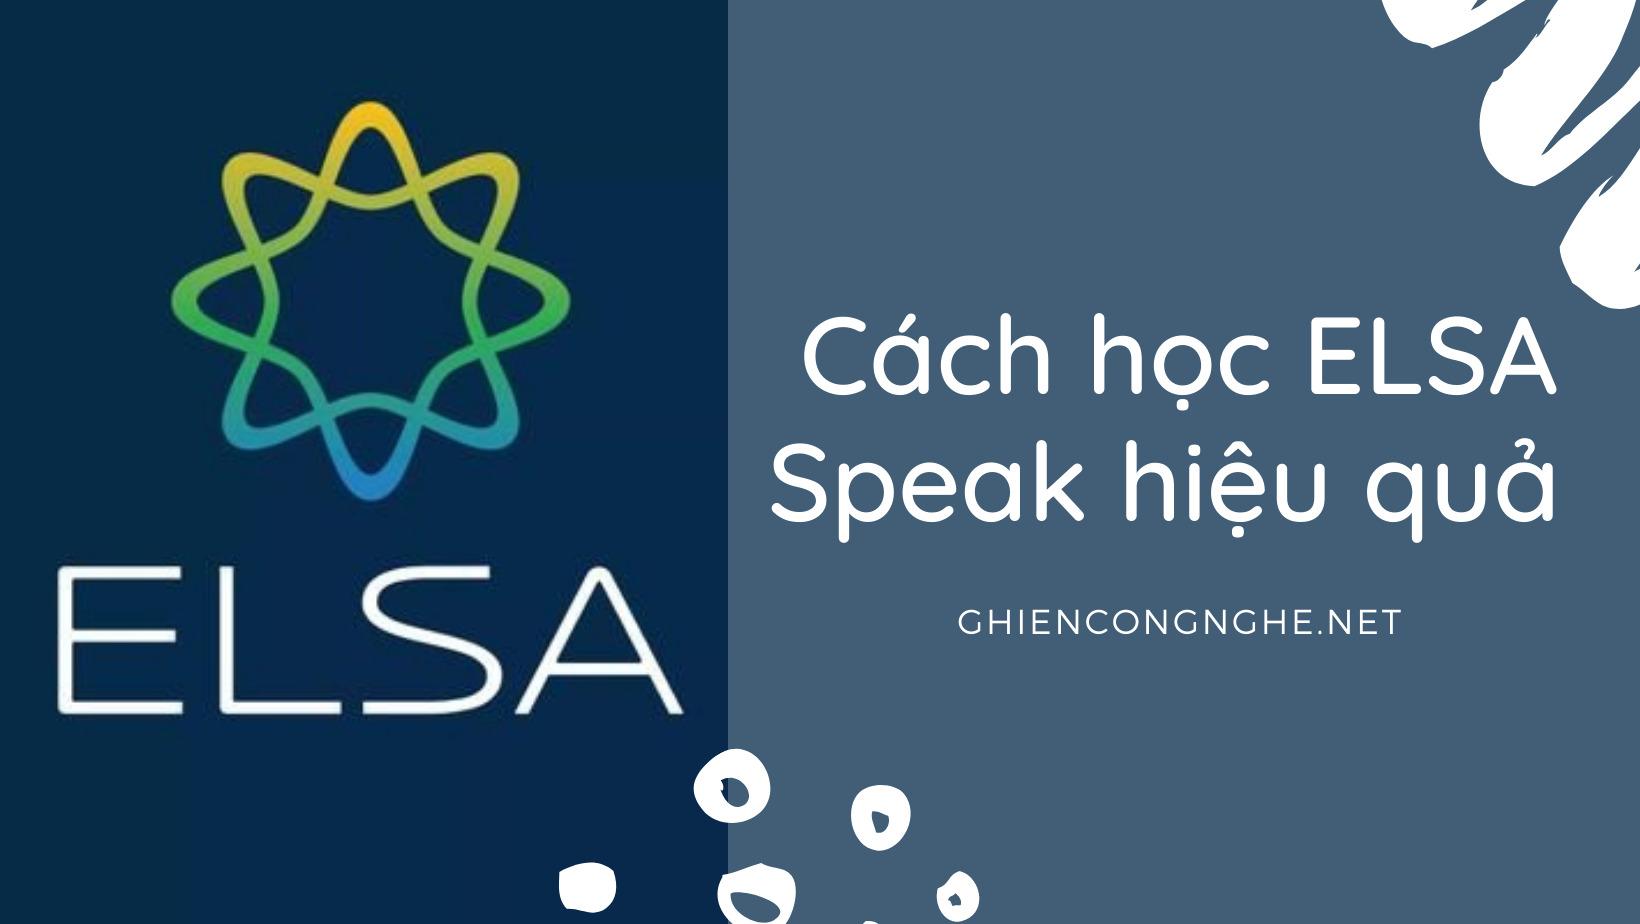 Cách học ELSA Speak hiệu quả để đưa kĩ năng tiếng Anh của bạn lên tầm cao mới